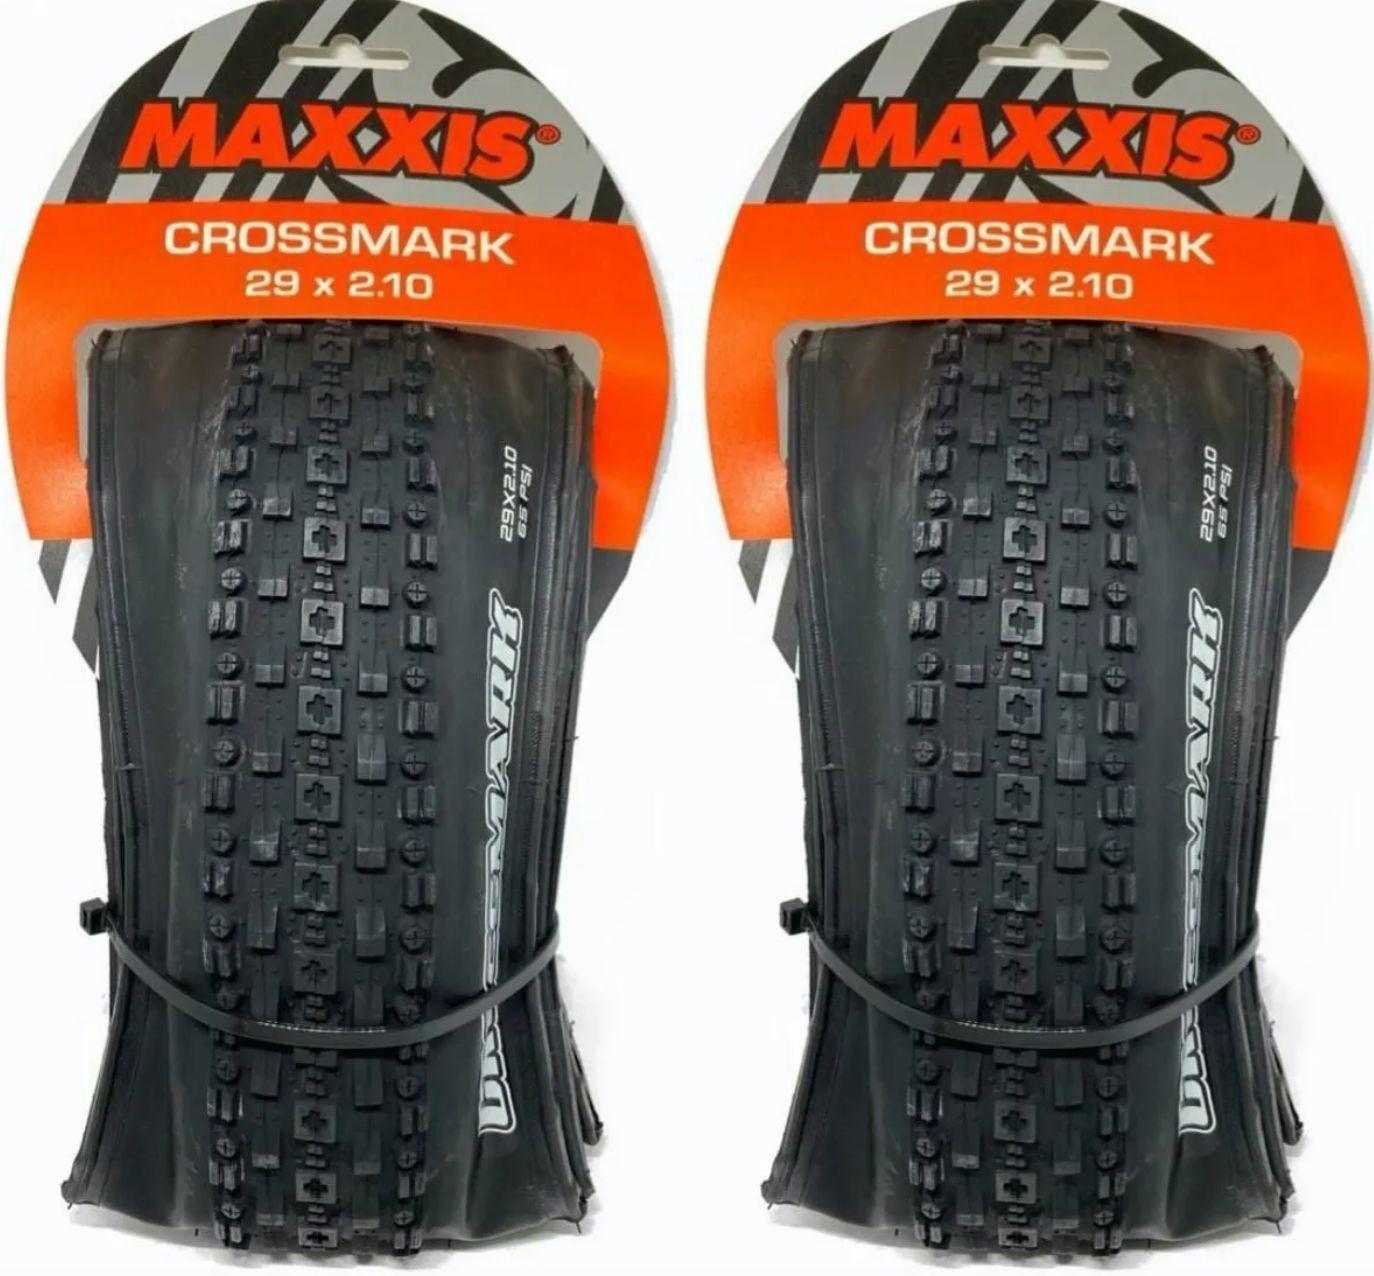 Pneus Maxxis Crossmark 29 X 2.10 Kevlar Dobrável 2 Pneus Par